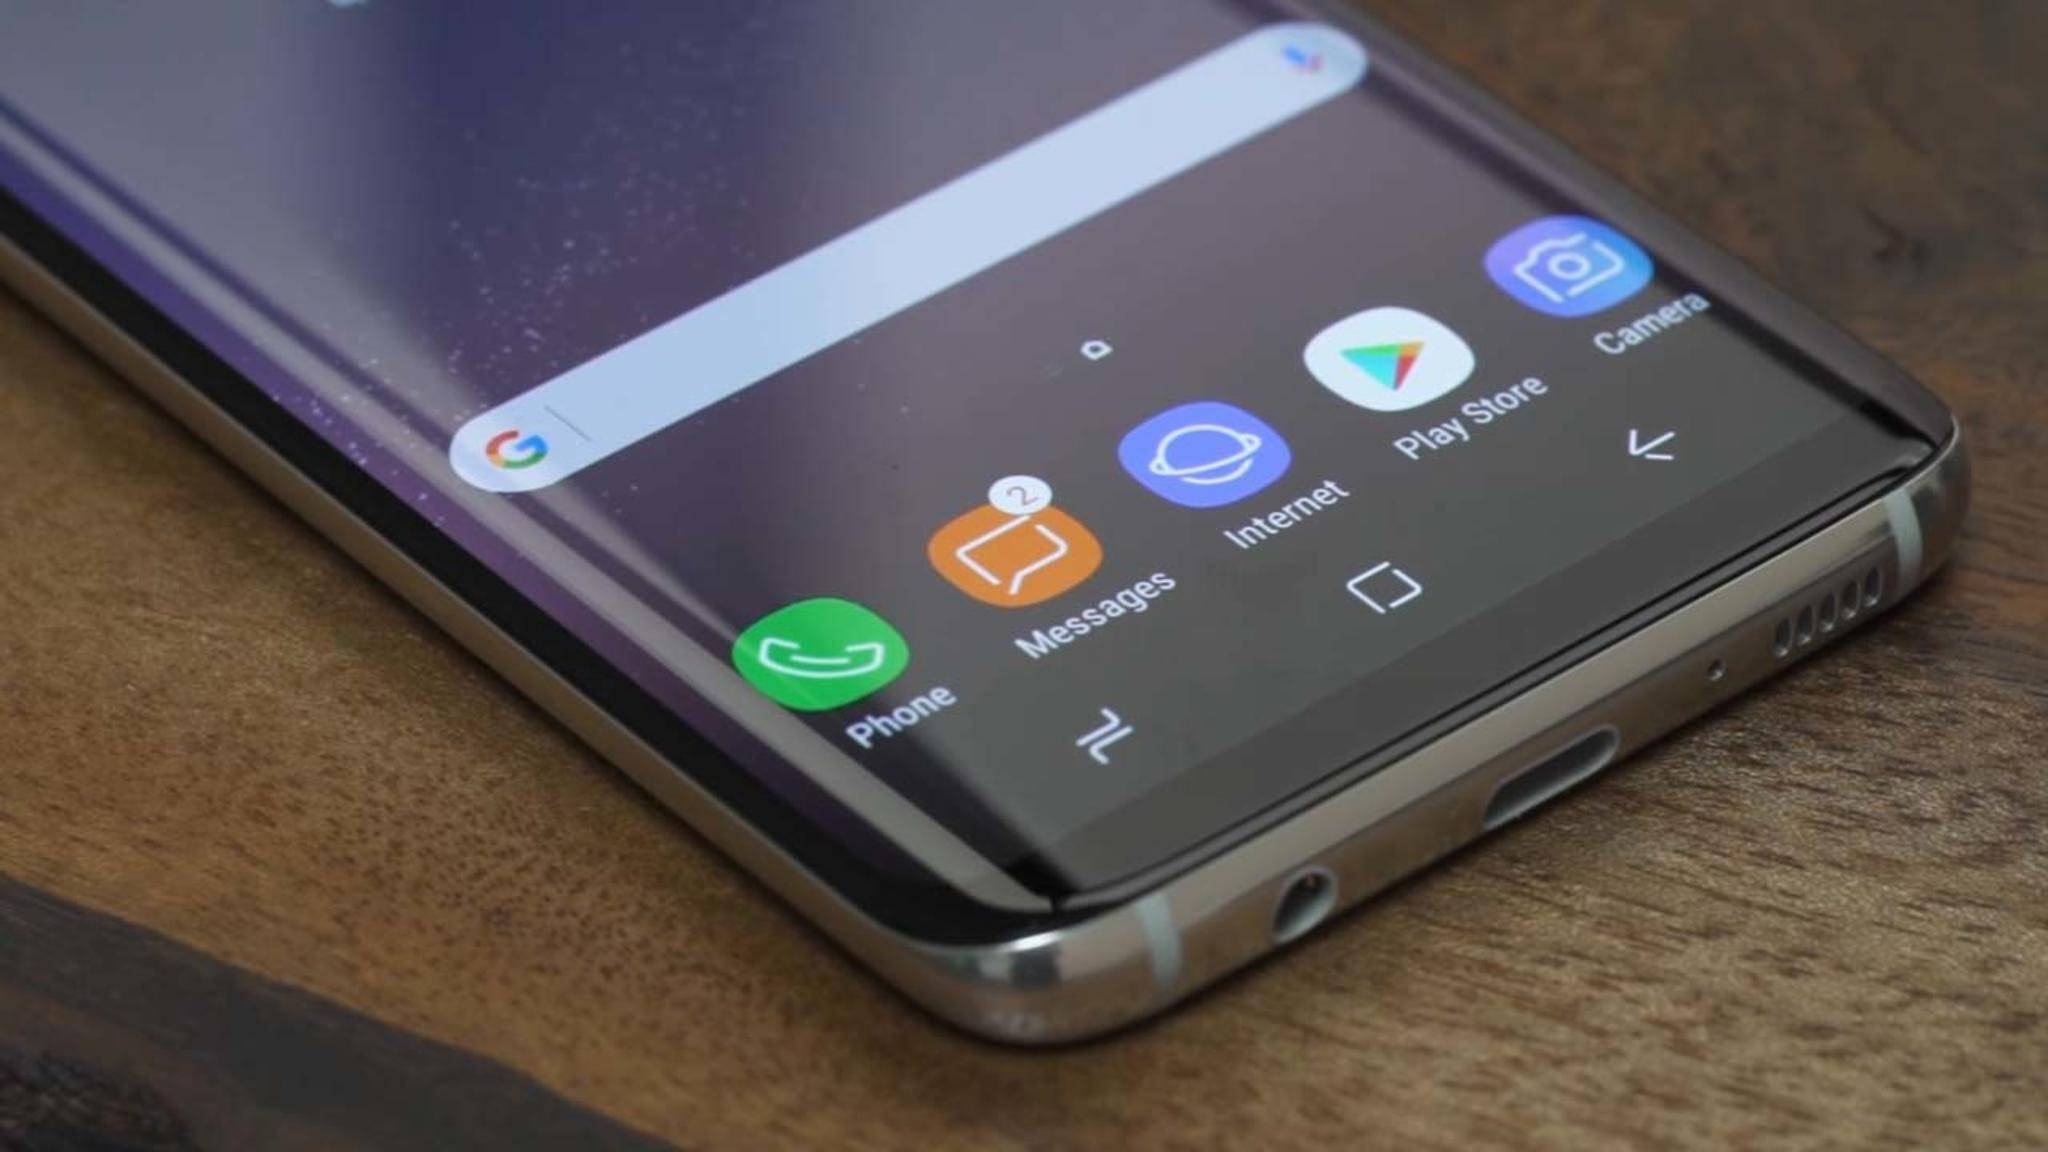 Das Galaxy S8 besitzt keinen physischen Home-Button mehr – daher bringt die Nutzeroberfläche drei On-Screen-Buttons mit.